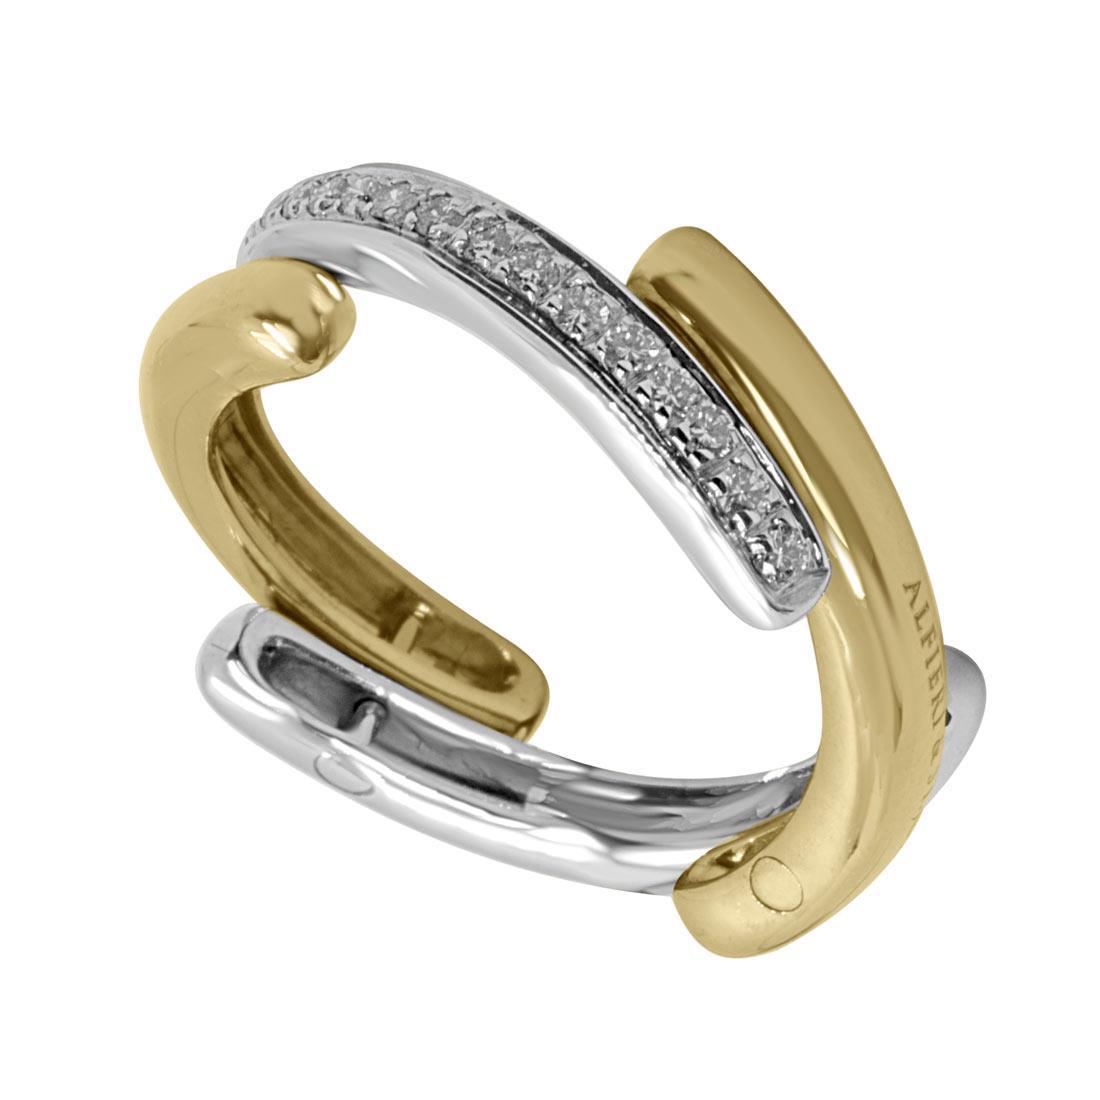 Anello in oro bianco e giallo con diamanti 0,15 ct, mis 13 - ALFIERI & ST. JOHN